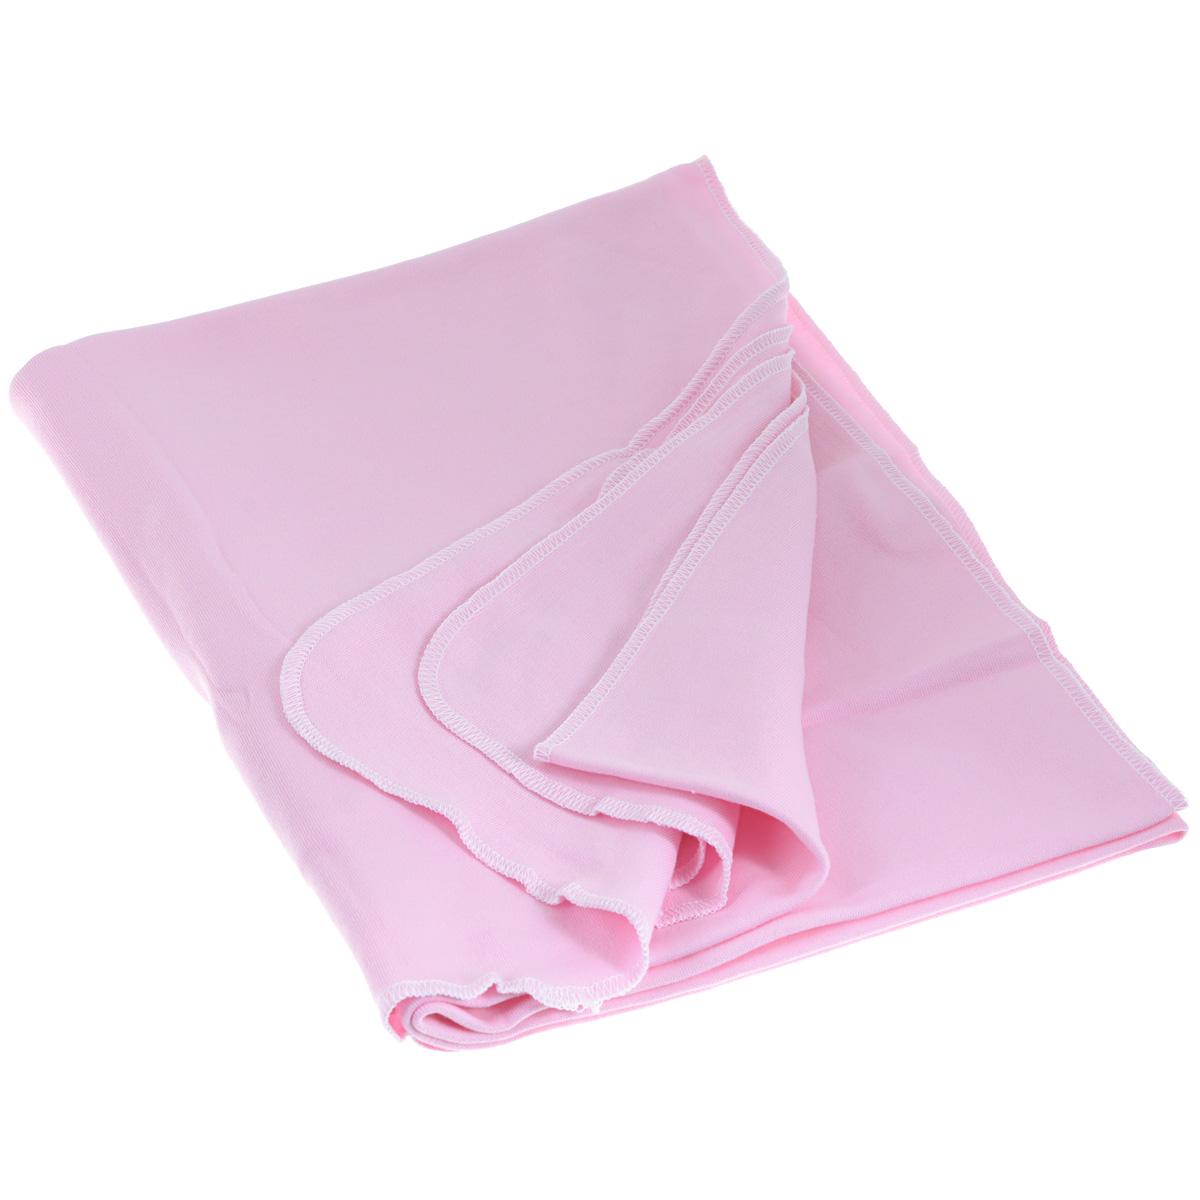 Пеленка, цвет: розовый5247_котенокДетская трикотажная пеленка Трон-Плюс Машинки подходит для пеленания ребенка с самого рождения. Она невероятно мягкая и нежная на ощупь. Пеленка выполнена из интерлока набивного - мягкое эластичное трикотажное полотно из хлопка гладкого покроя. Края обработаны швом оверлока. Такая ткань прекрасно дышит, она гипоаллергенна, почти не мнется и не теряет формы после стирки. Мягкая ткань укутывает малыша с необычайной нежностью.Пеленку также можно использовать как легкое одеяло в жаркую погоду, простынку, полотенце после купания, накидку для кормления грудью или солнцезащитный козырек.Пеленка оформлена изображениями машинок. Ее размер подходит для пеленания даже крупного малыша.Рекомендована ручная стирка при температуре не более 40°C. Не отбеливать. Температура глажения не более 150°C. Сушить в подвешенном виде. Не подвергать химической чистке.